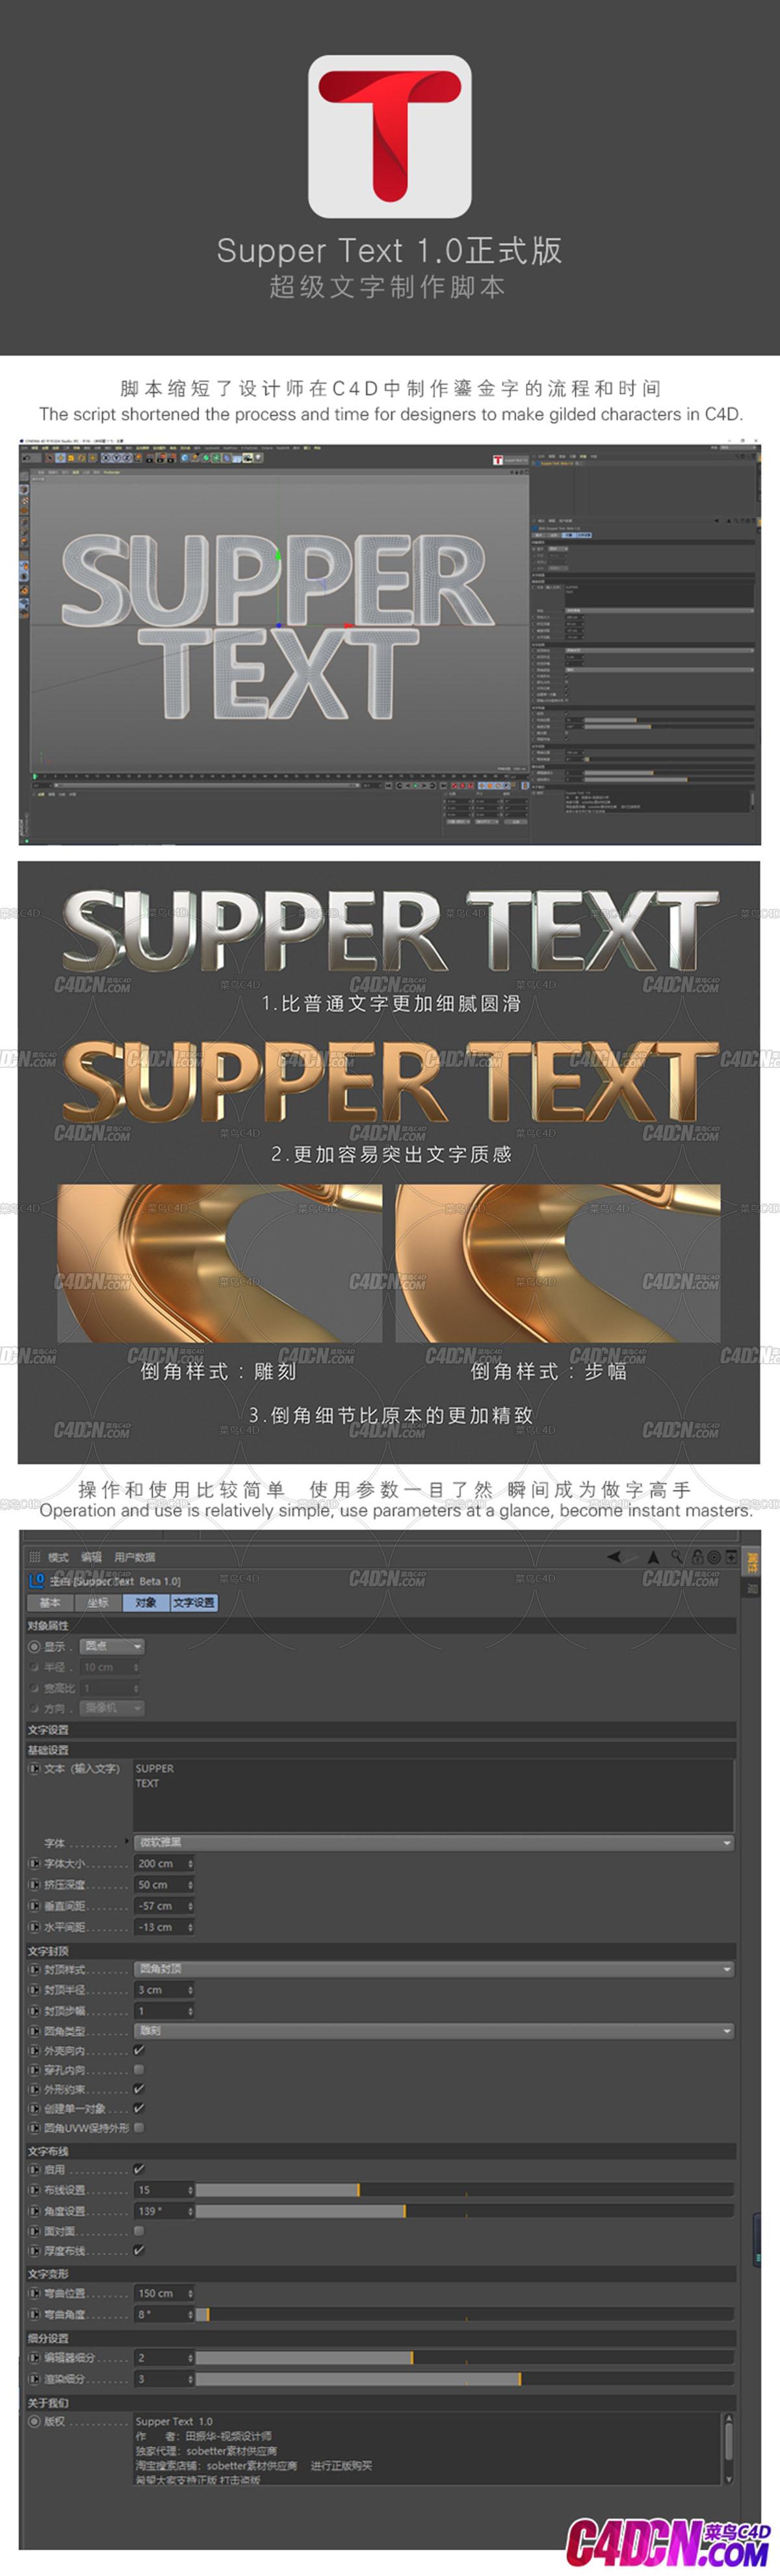 Supper Text 1.0 超級文字制作腳本測試視頻